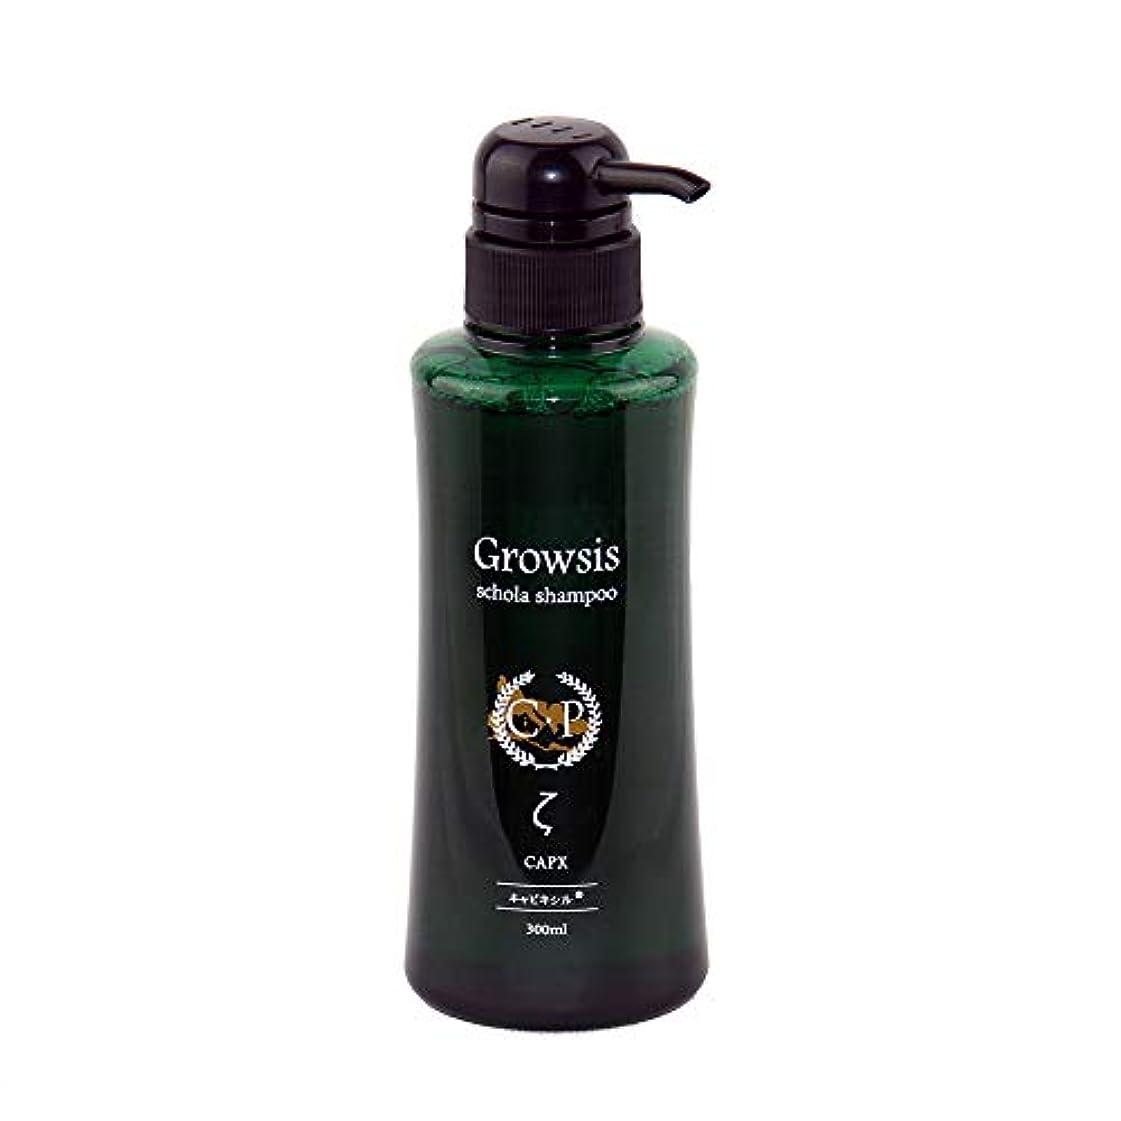 名門中欠陥抜け毛に悩んだらグロウシス スコラシャンプー ゼータ 300ml 「ミノキシジル」の3倍効果「キャピキシル」を業界最高濃度配合 うるおい成分「ベタイン」と「シラノール(ケイ素)」増量、ふけ、かゆみにも悩む人に。